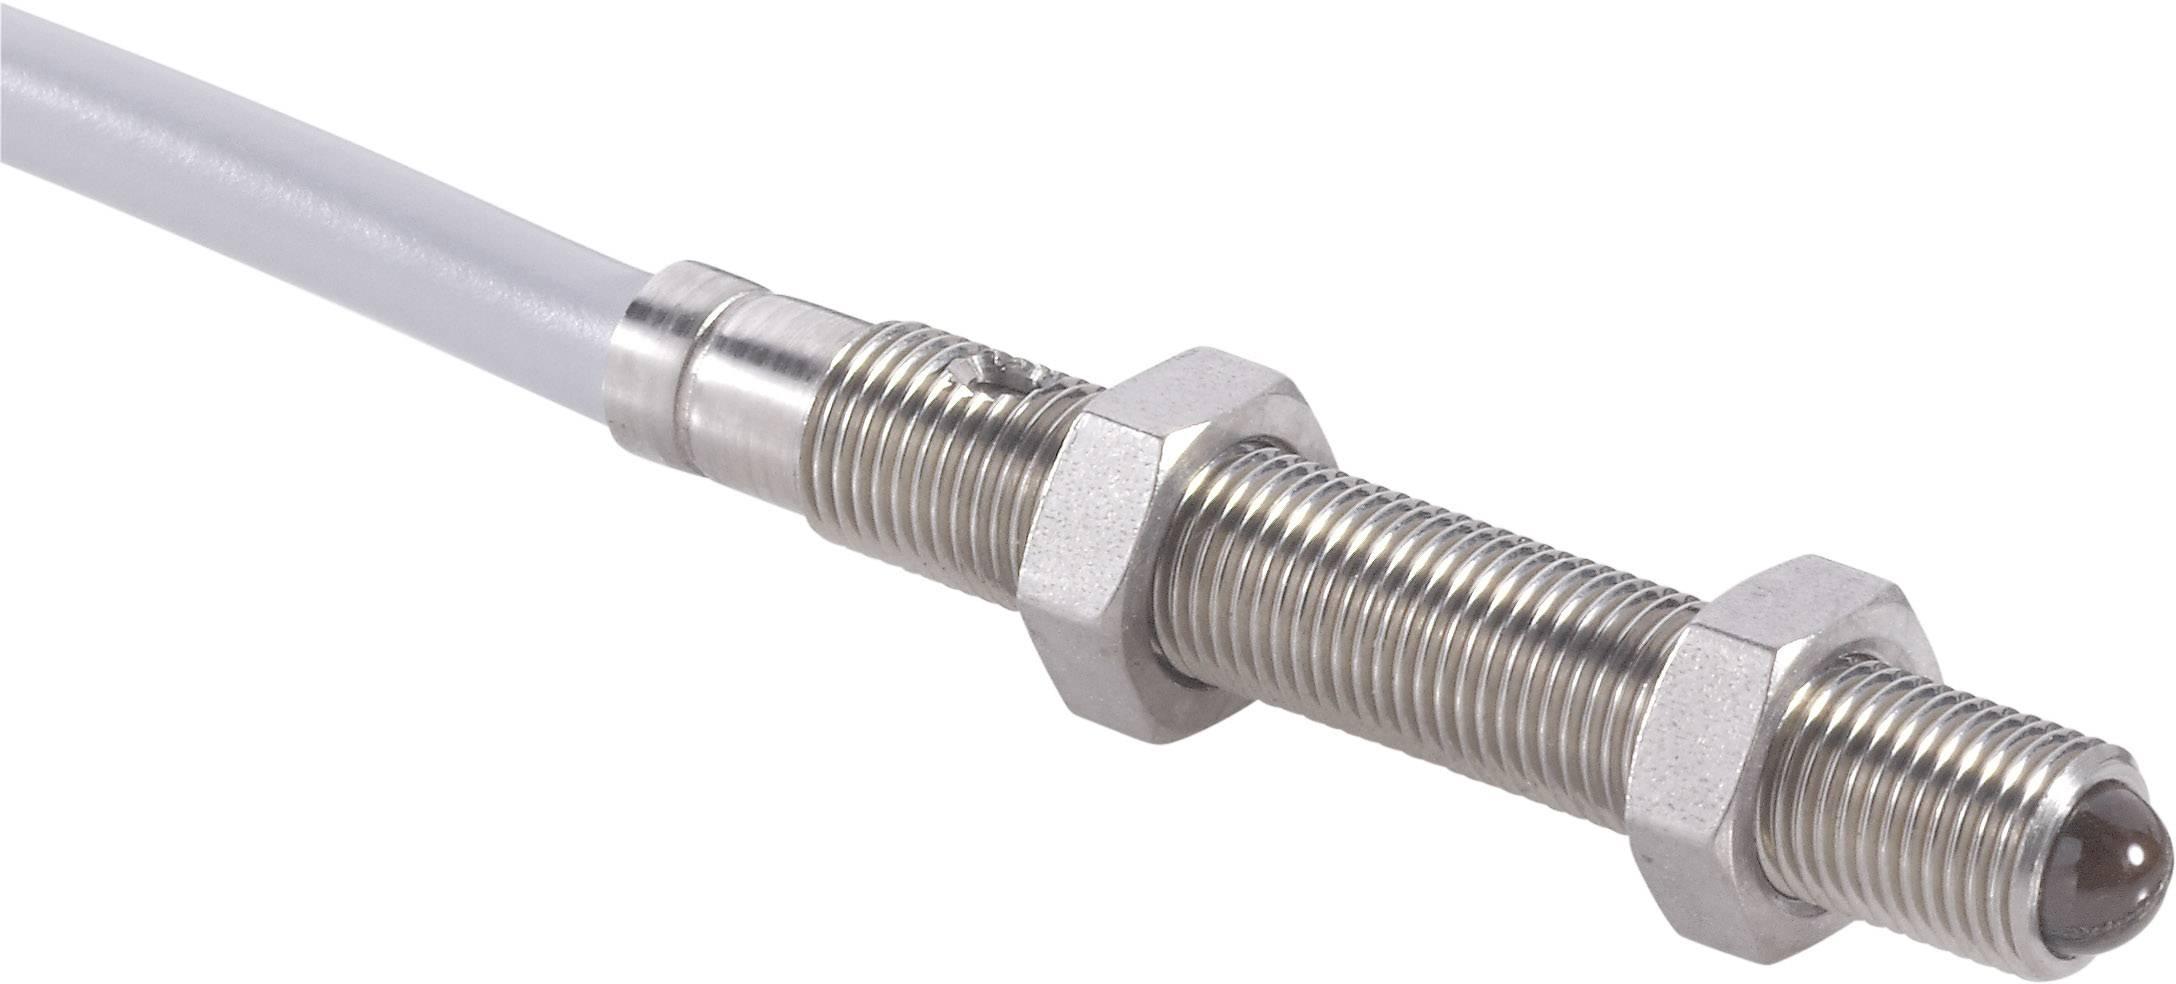 Contrinex LTK-1050-303-506